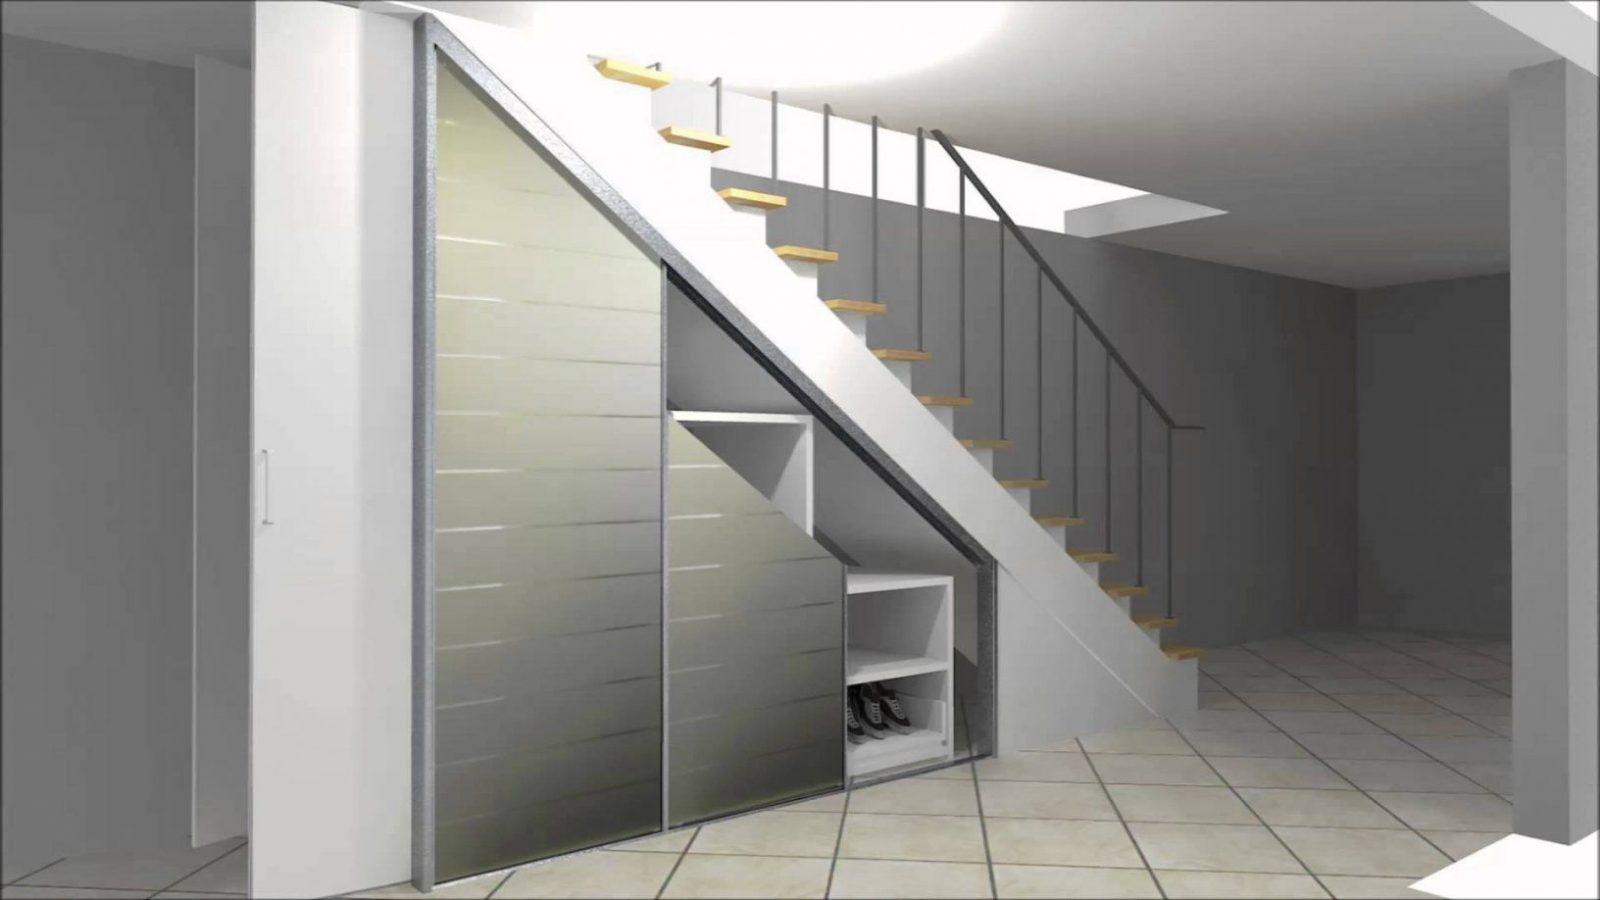 Cabinet Einbauschrank Zur Nutzung Von Stauraum Unter Einer Treppe von Stauraum Unter Treppe Ikea Bild